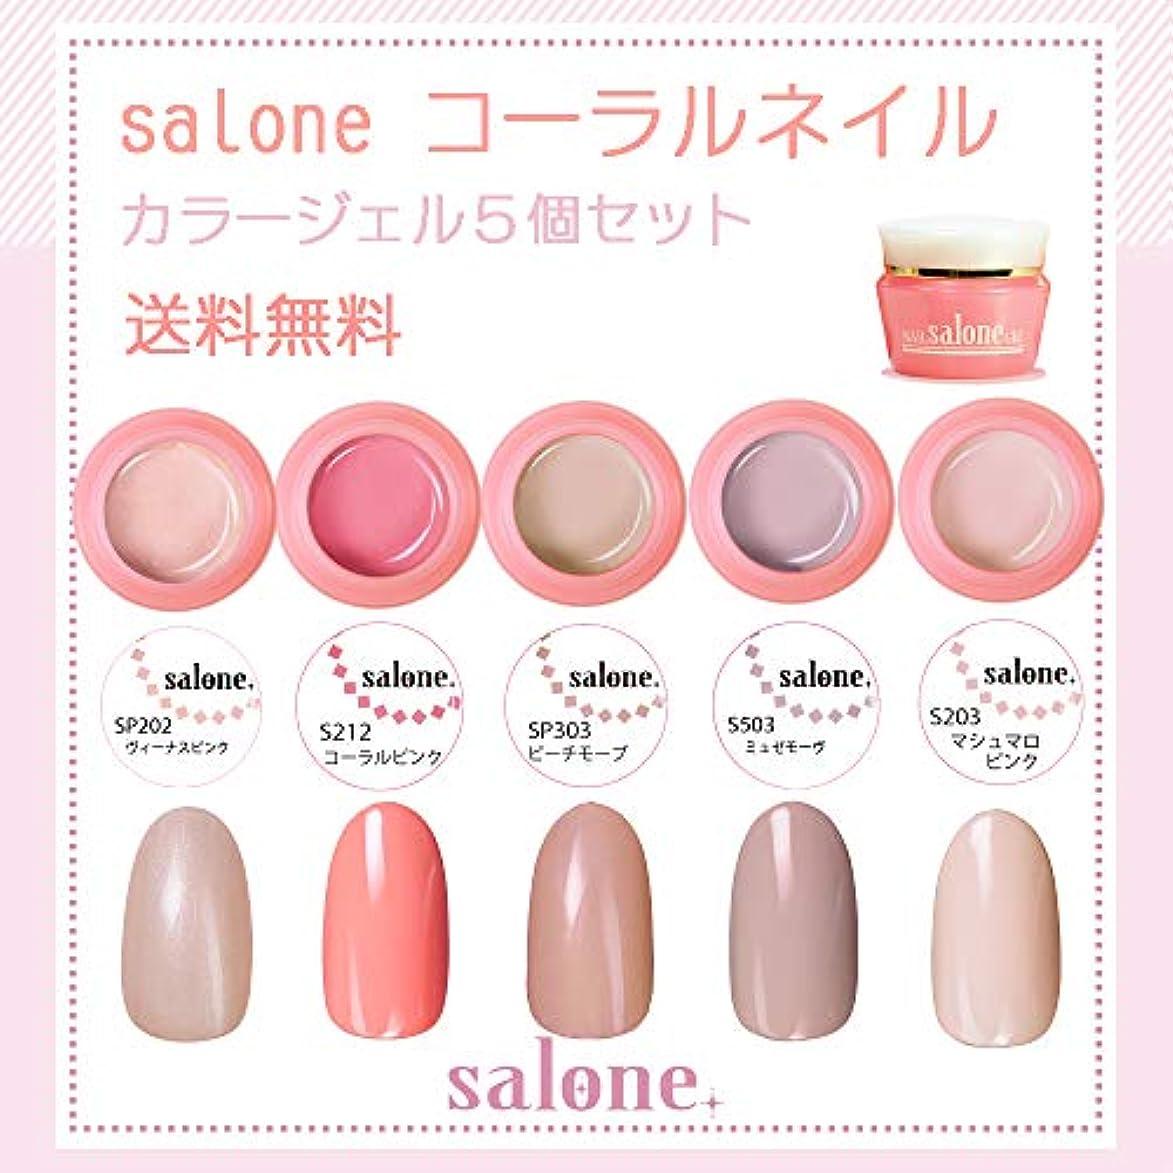 相対サイズハード資料【送料無料 日本製】Salone コーラルネイル カラージェル5個セット 明るくて肌なじみの良い人気カラーをチョイスしました。